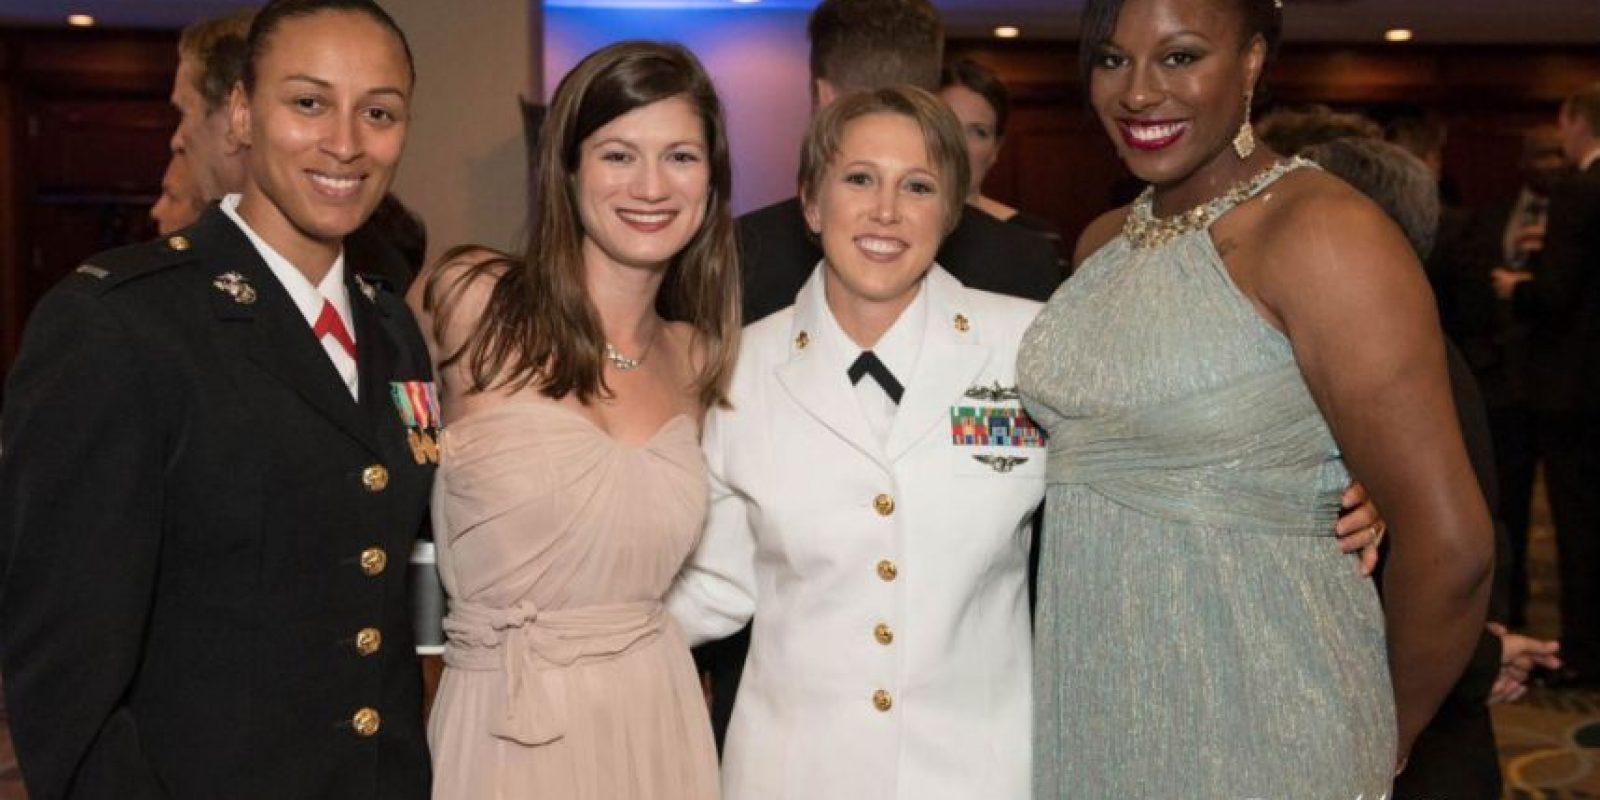 Donde publican fotos e información de los eventos Foto:Facebook/The American Military Partner Association